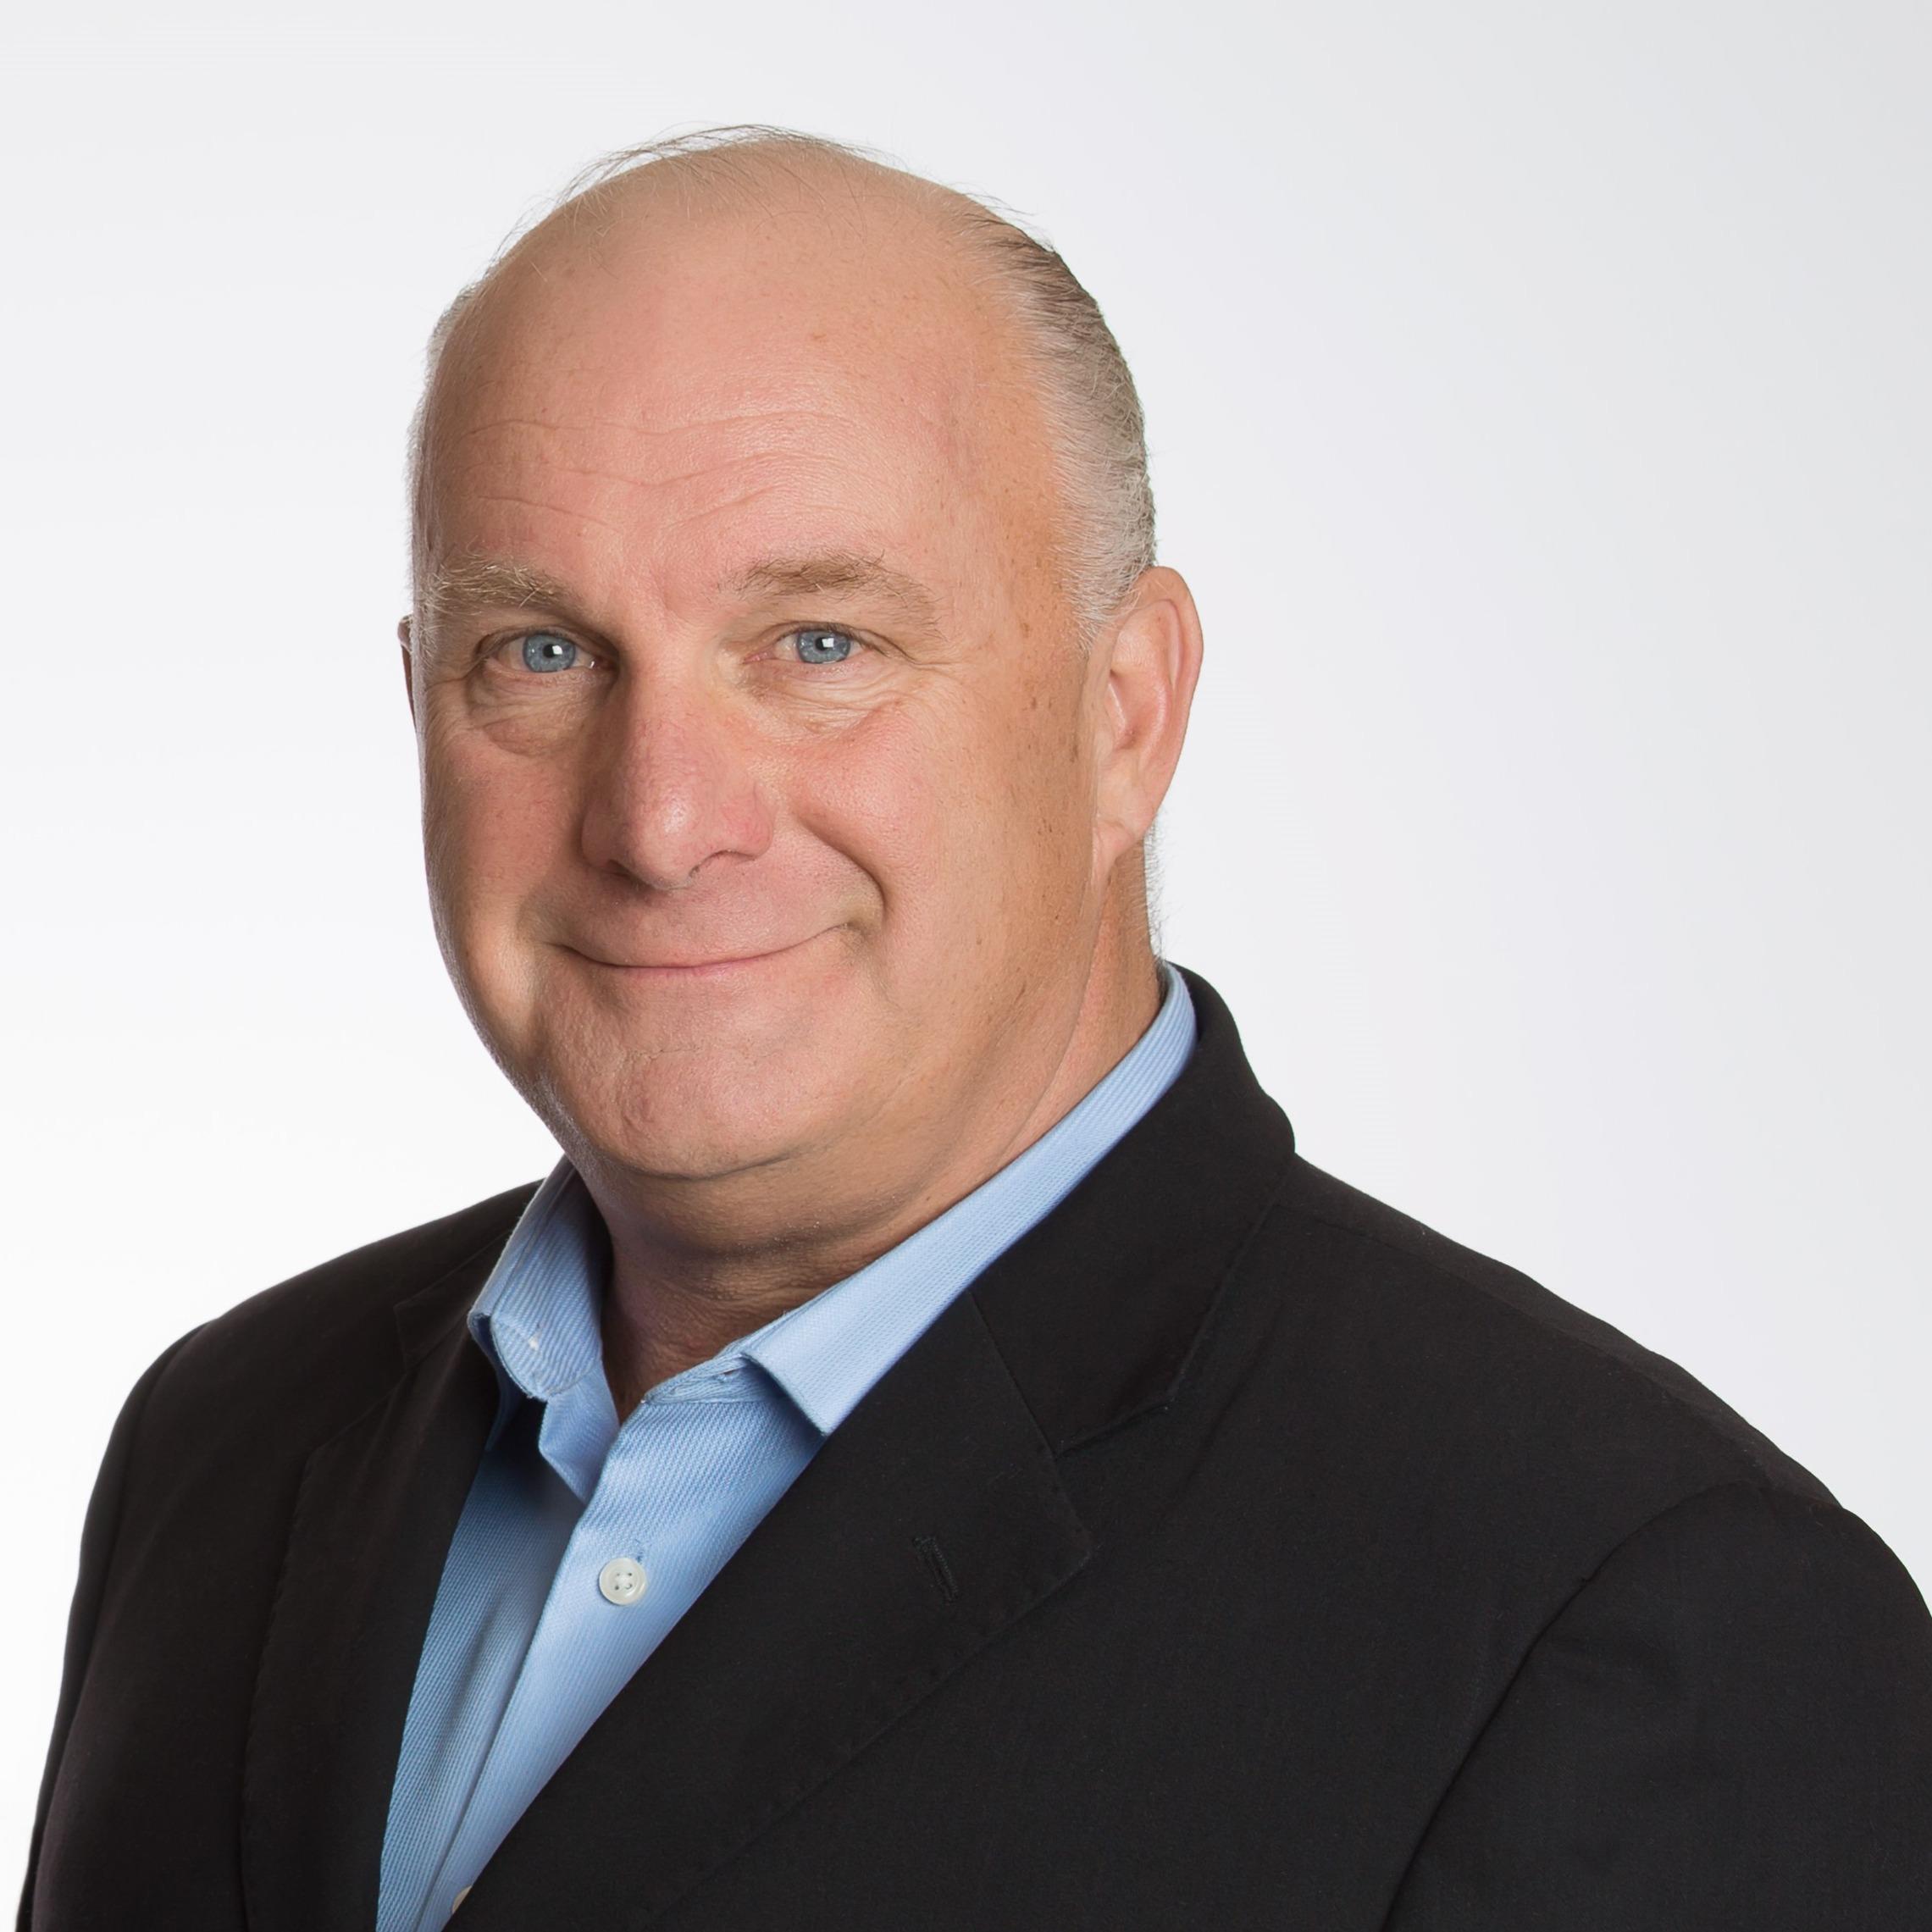 Allan Edworthy